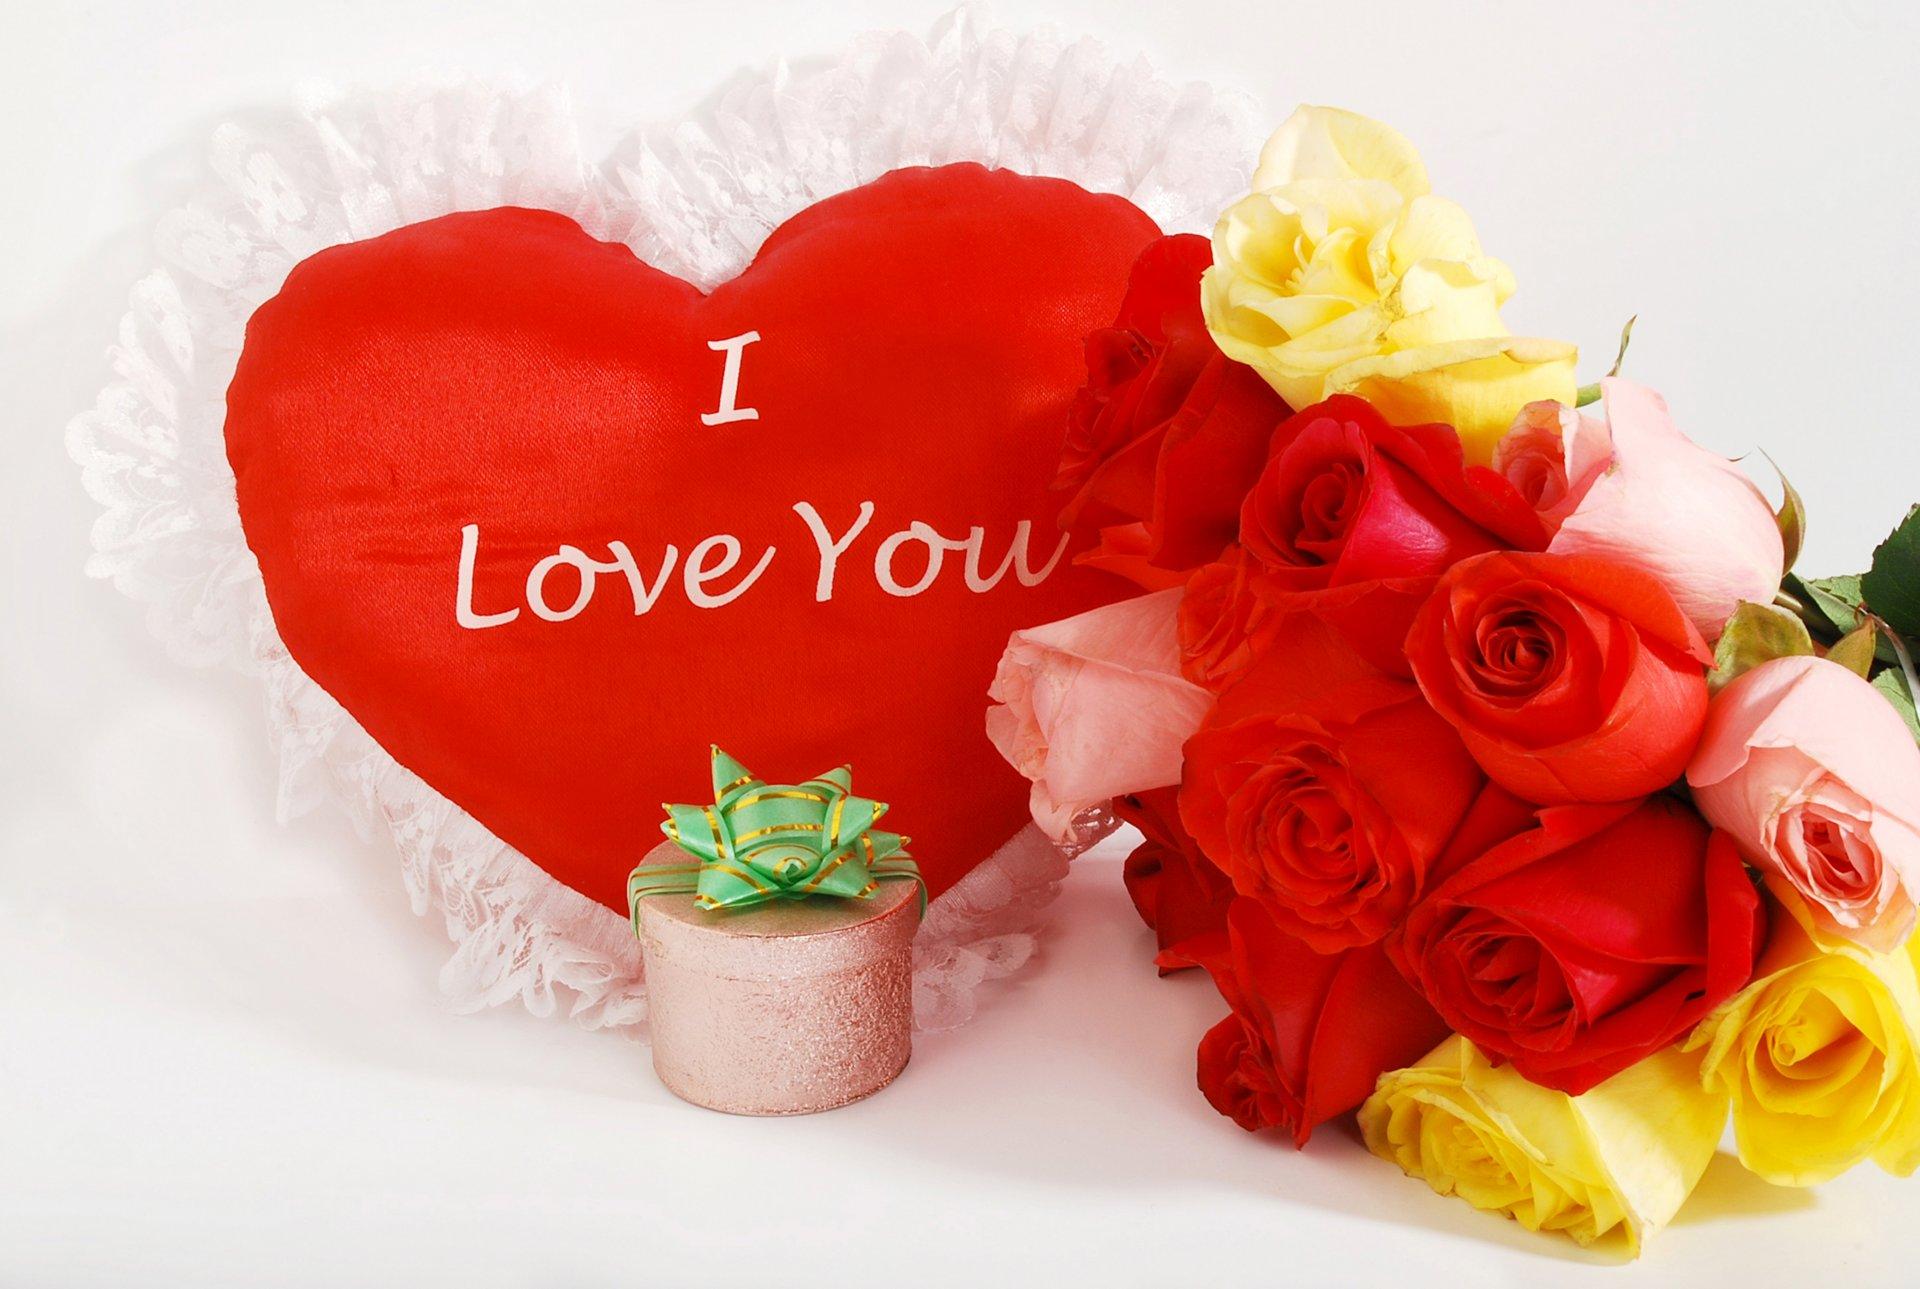 Картинки сердечки с надписями про любовь для любимой девушки, малышей